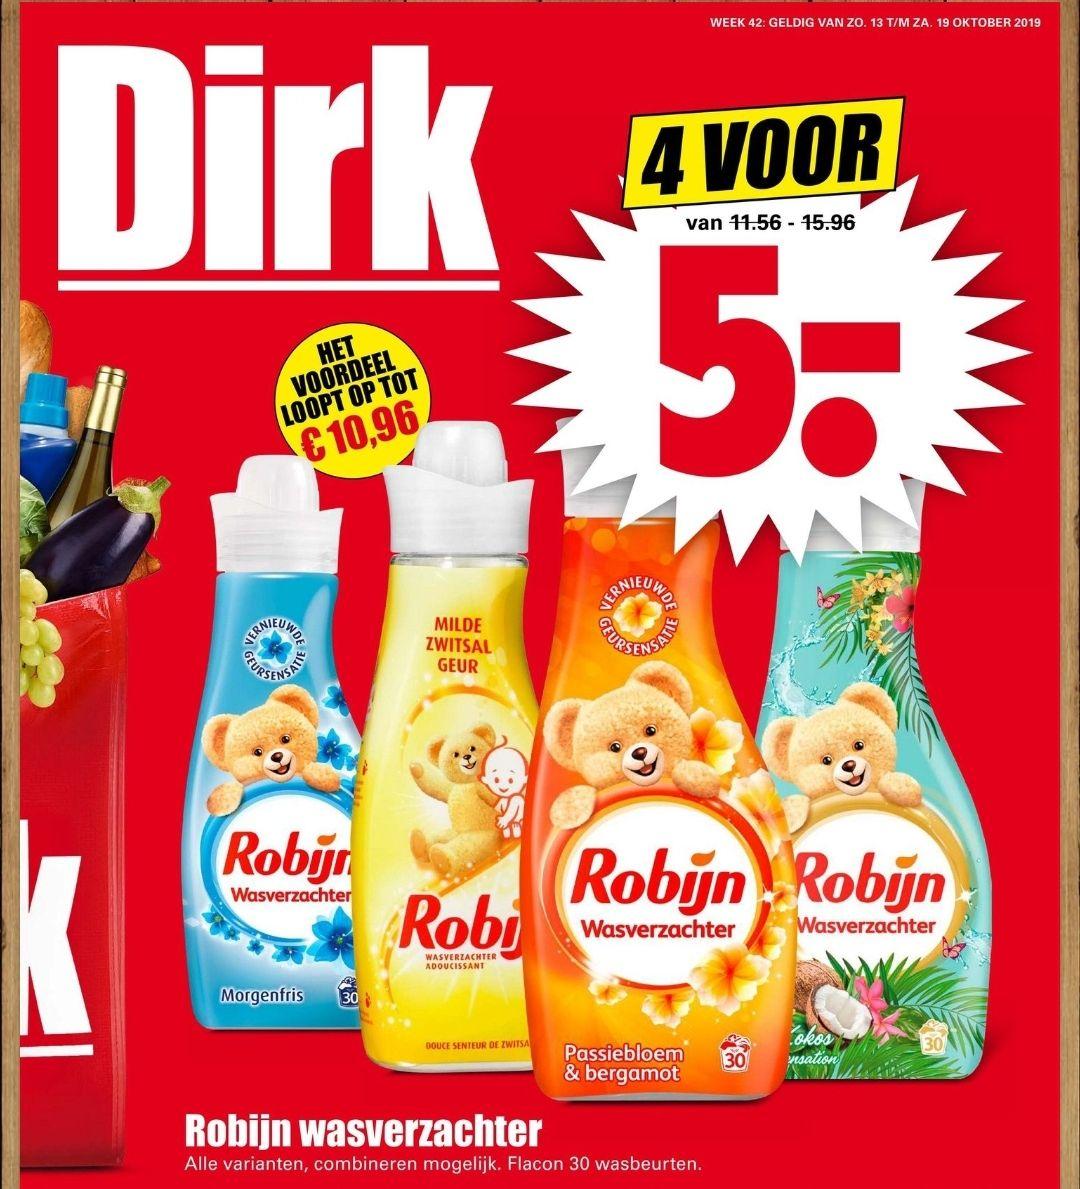 4 Robijn wasverzachter voor €5 bij Dirk